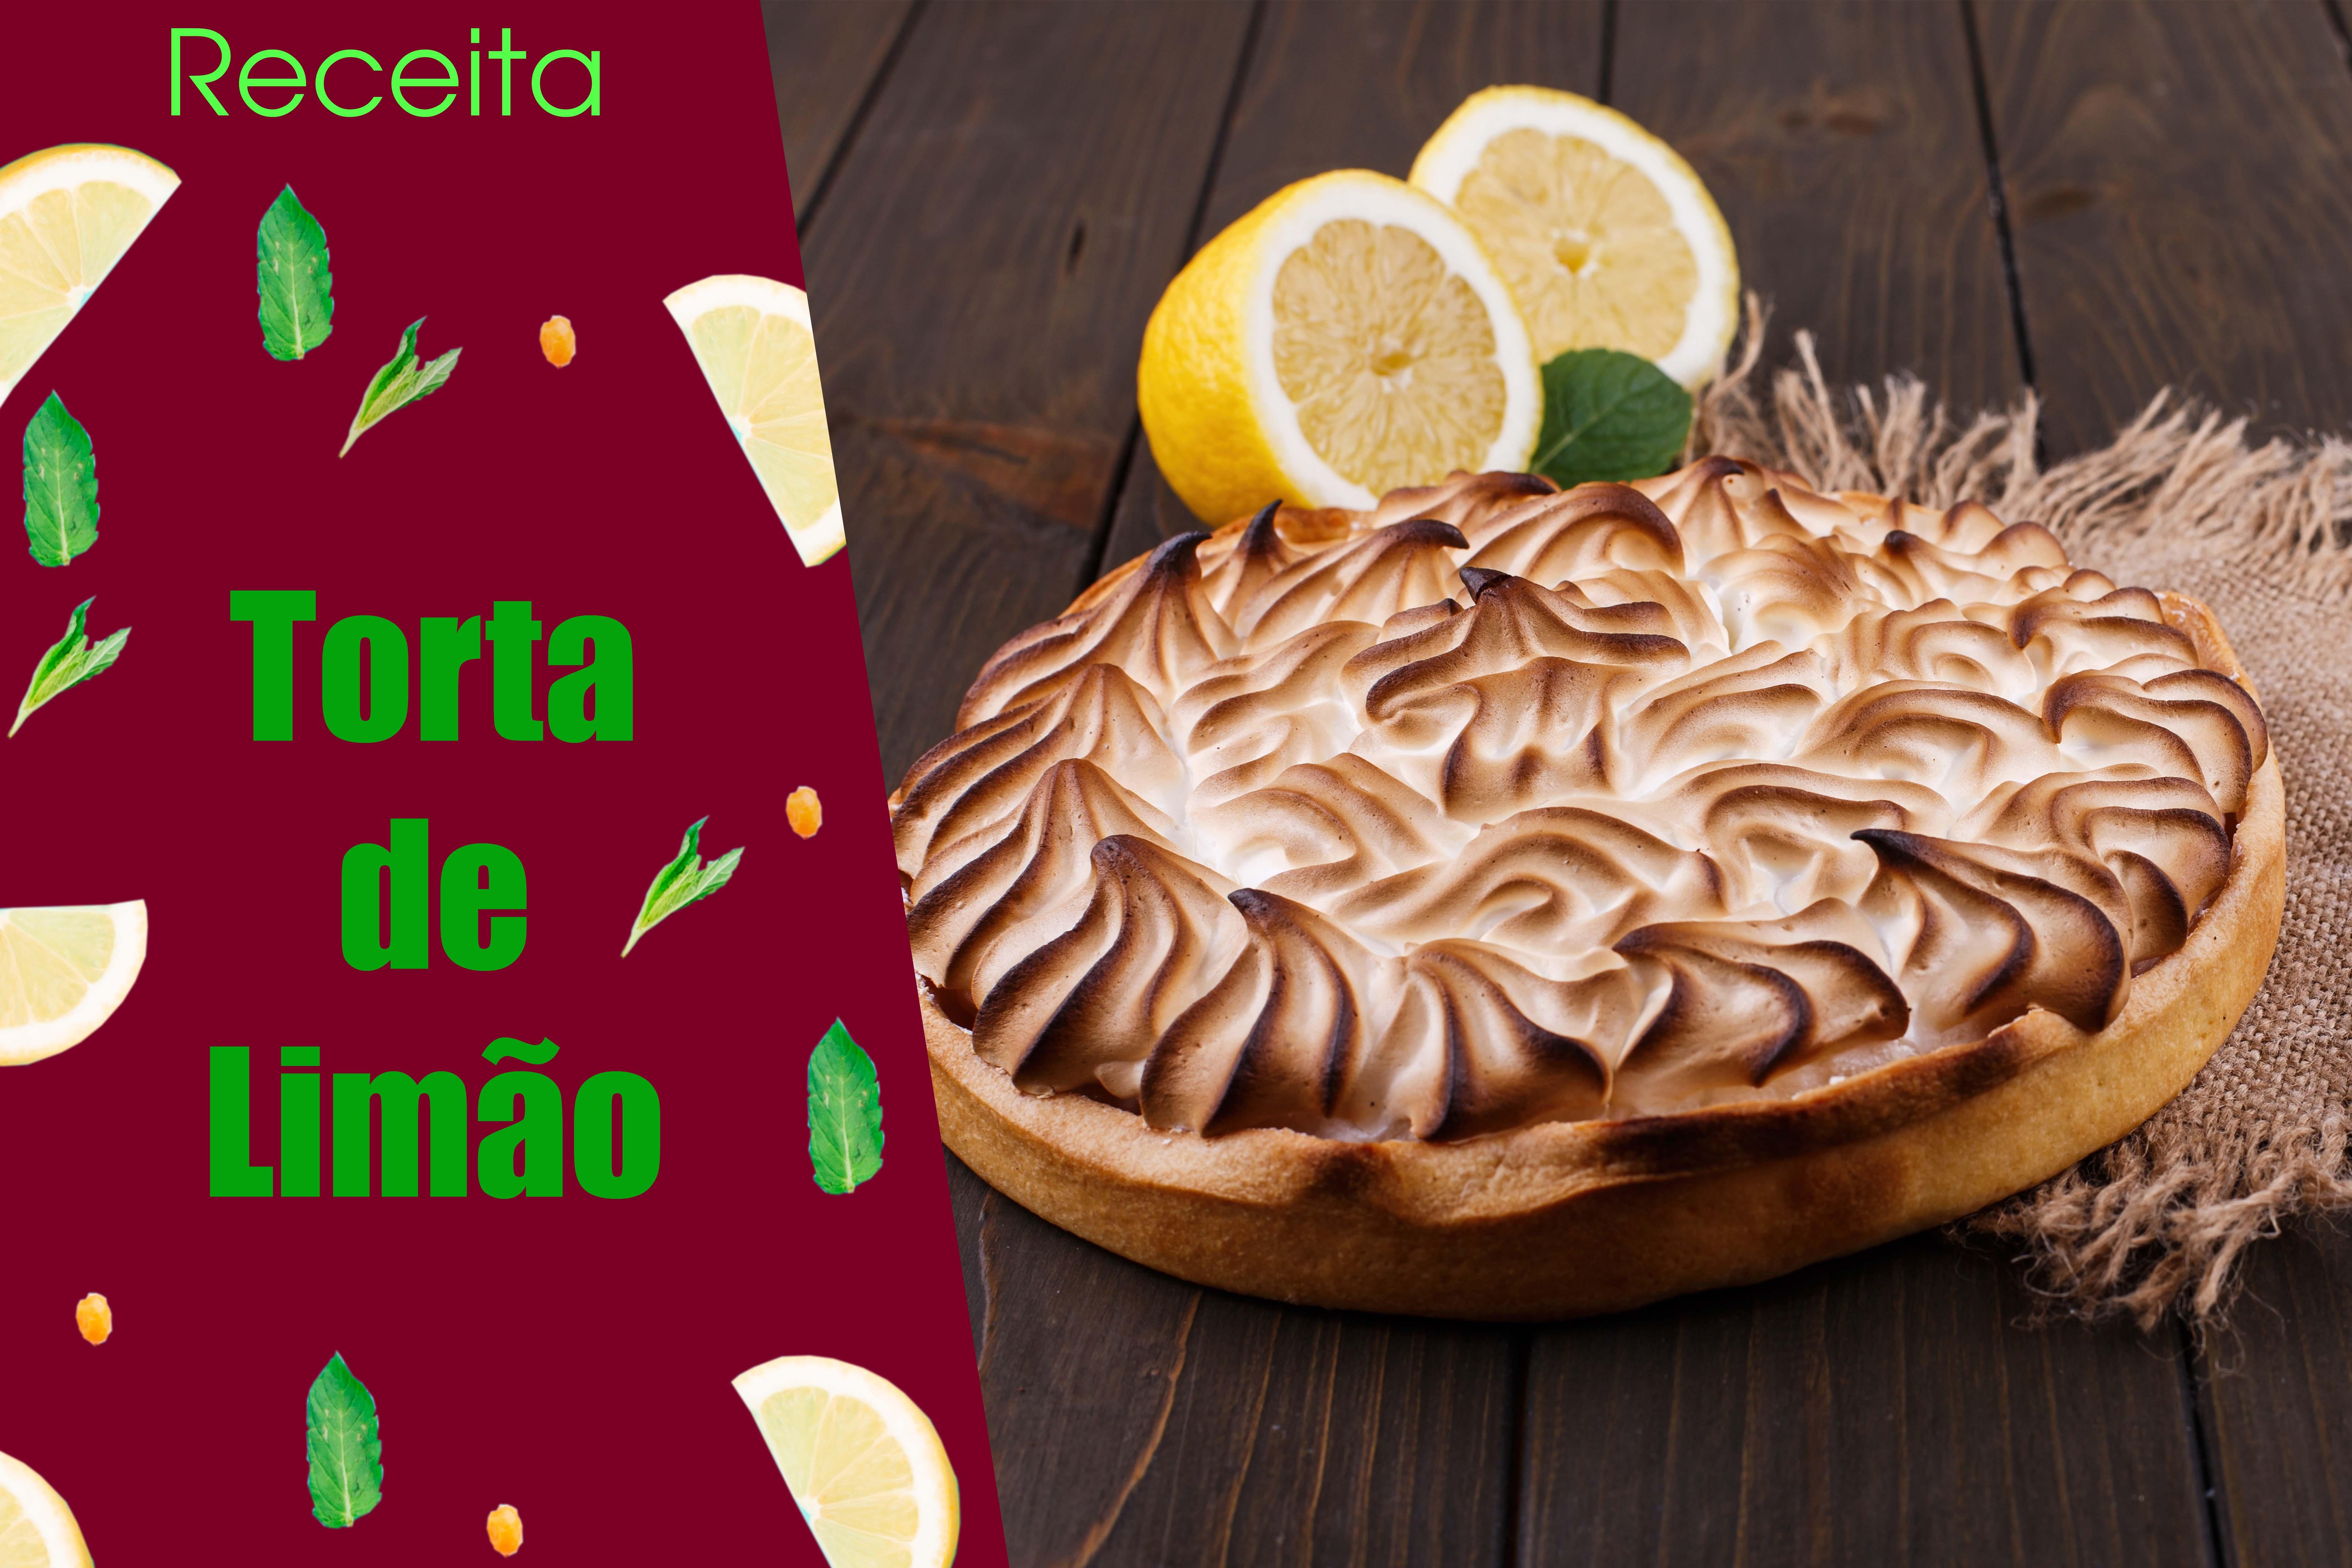 """<a href=""""https://br.freepik.com/fotos-vetores-gratis/alimento"""">Alimento foto criado por freepic.diller - br.freepik.com</a>"""